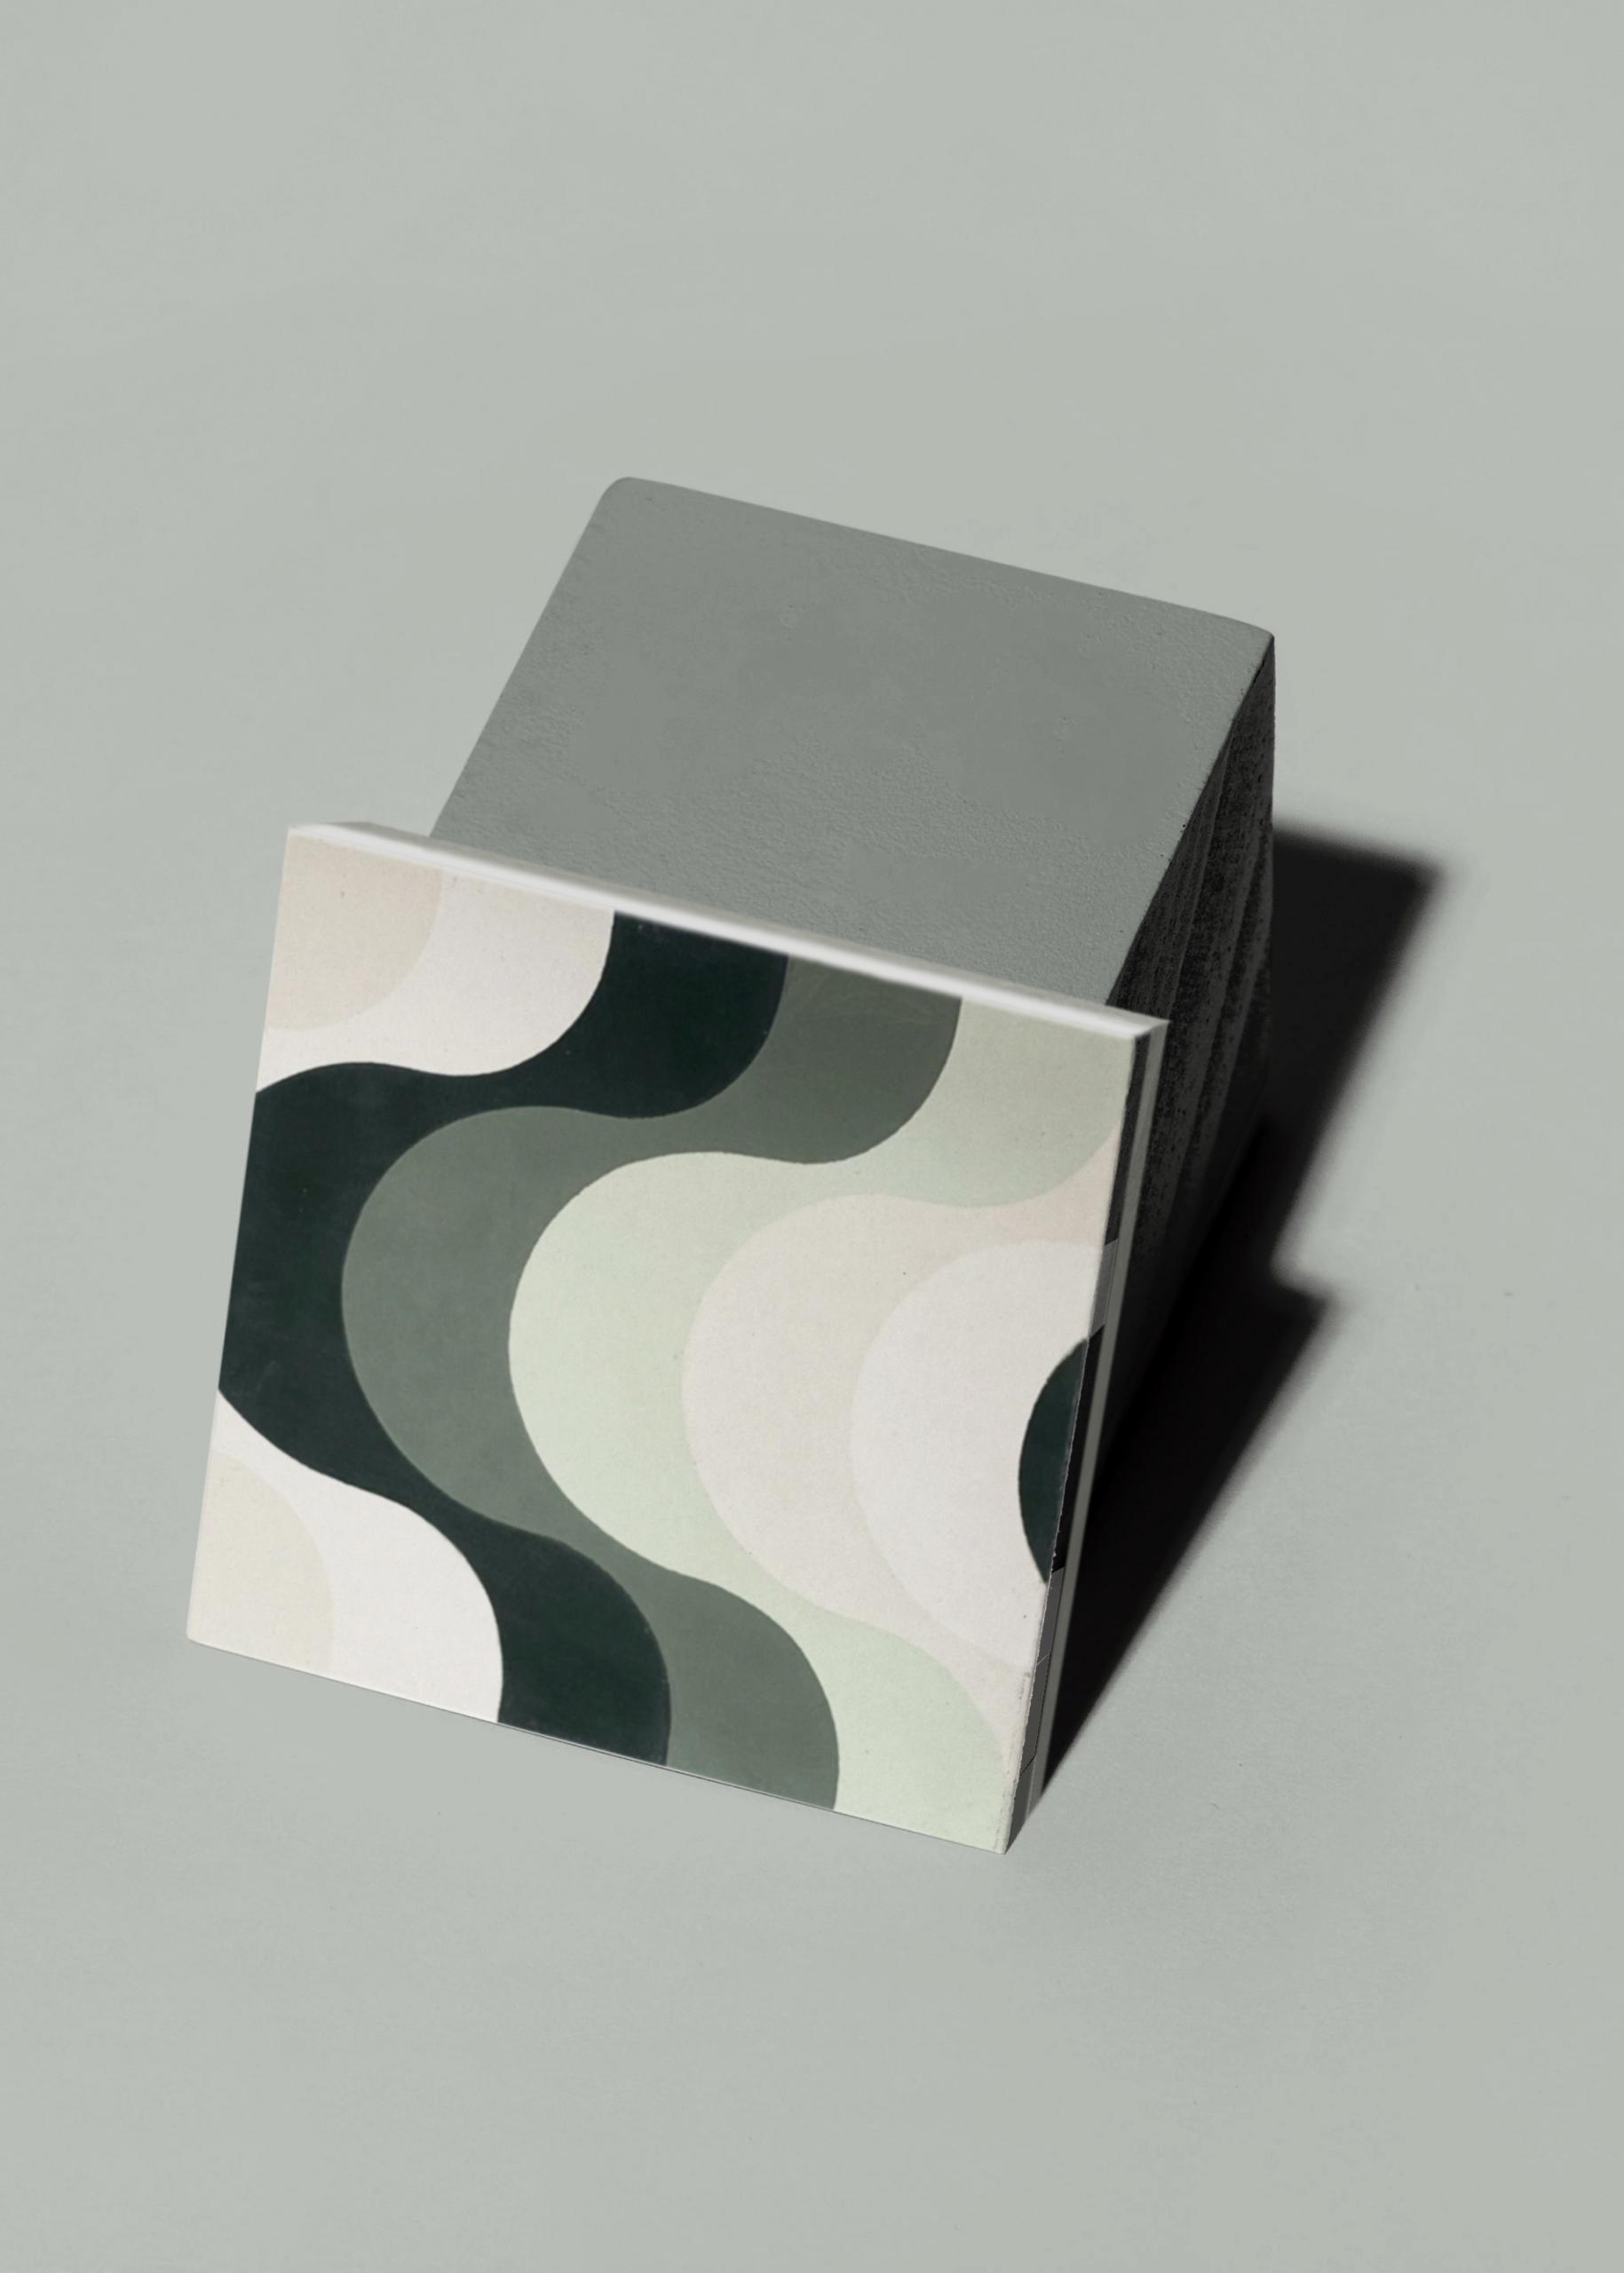 cimenterie de la tour collection designer francois combaud sandy rubio carreaux de ciment 70 vert